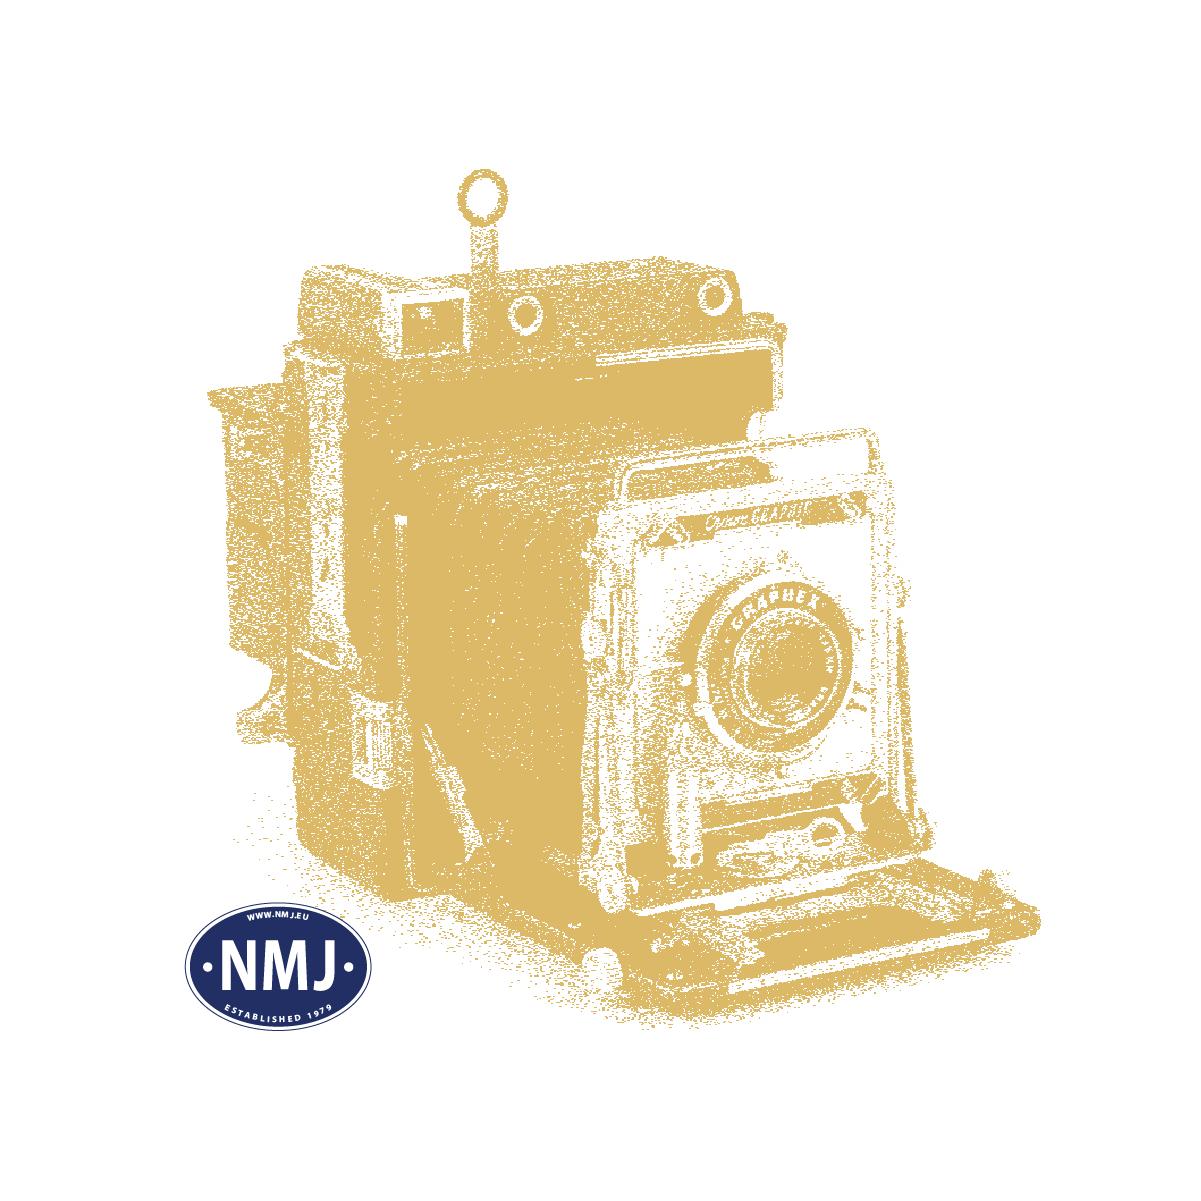 NMJT86.102AC - NMJ Topline NSB El11.2078, Grønn, AC Digital